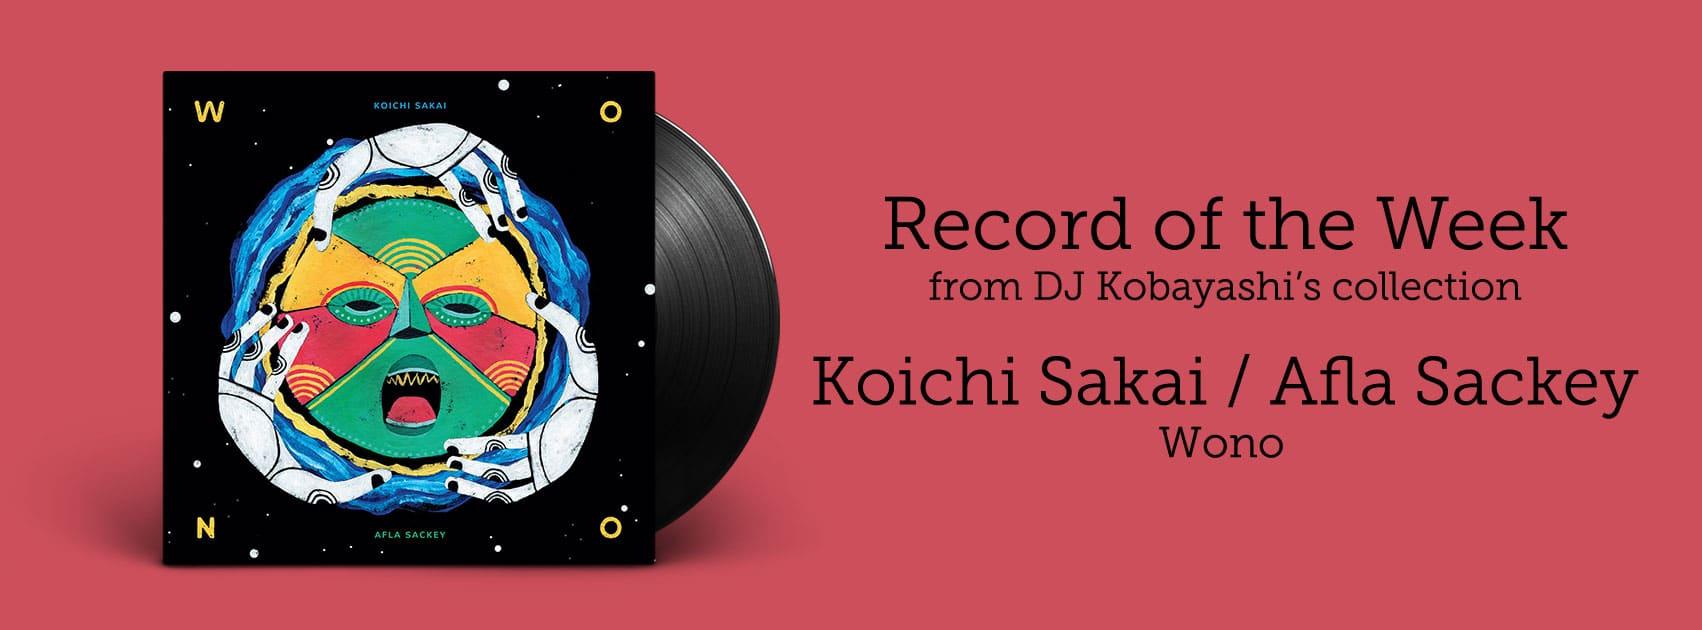 Koichi Sakai and Afla Sackey - Wono